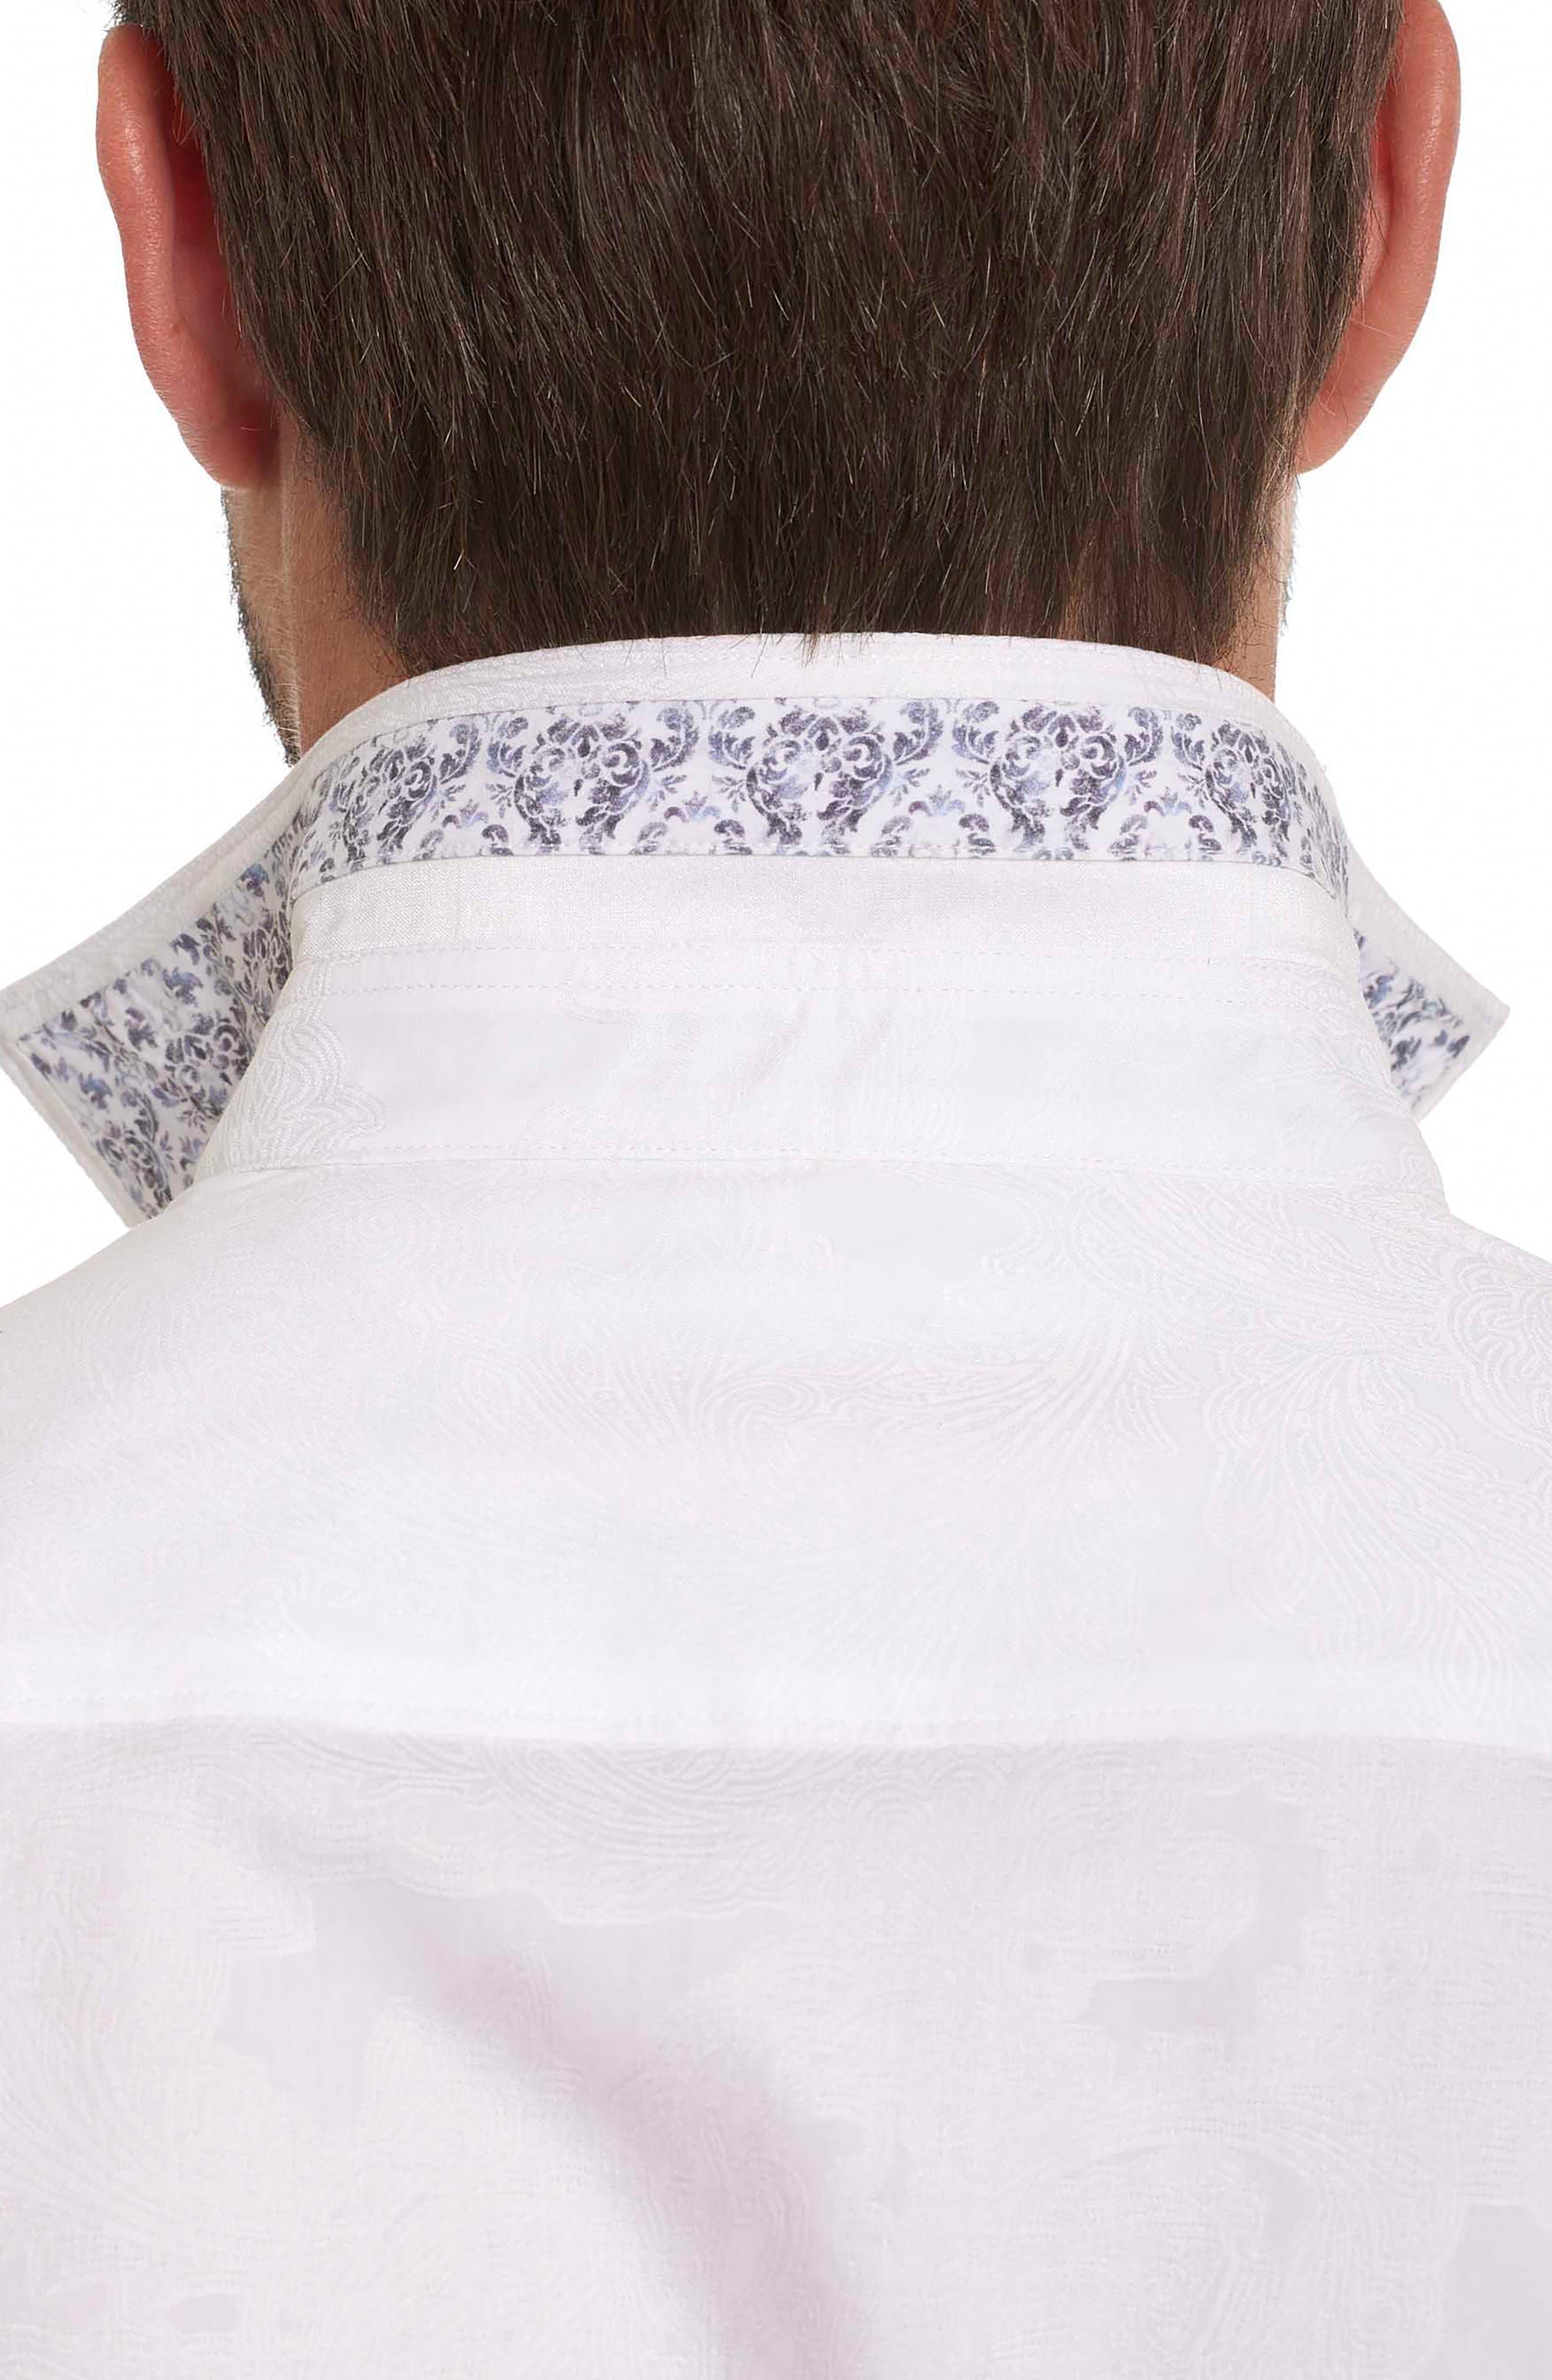 Rosendale Classic Fit Jacquard Sport Shirt,                             Alternate thumbnail 4, color,                             White